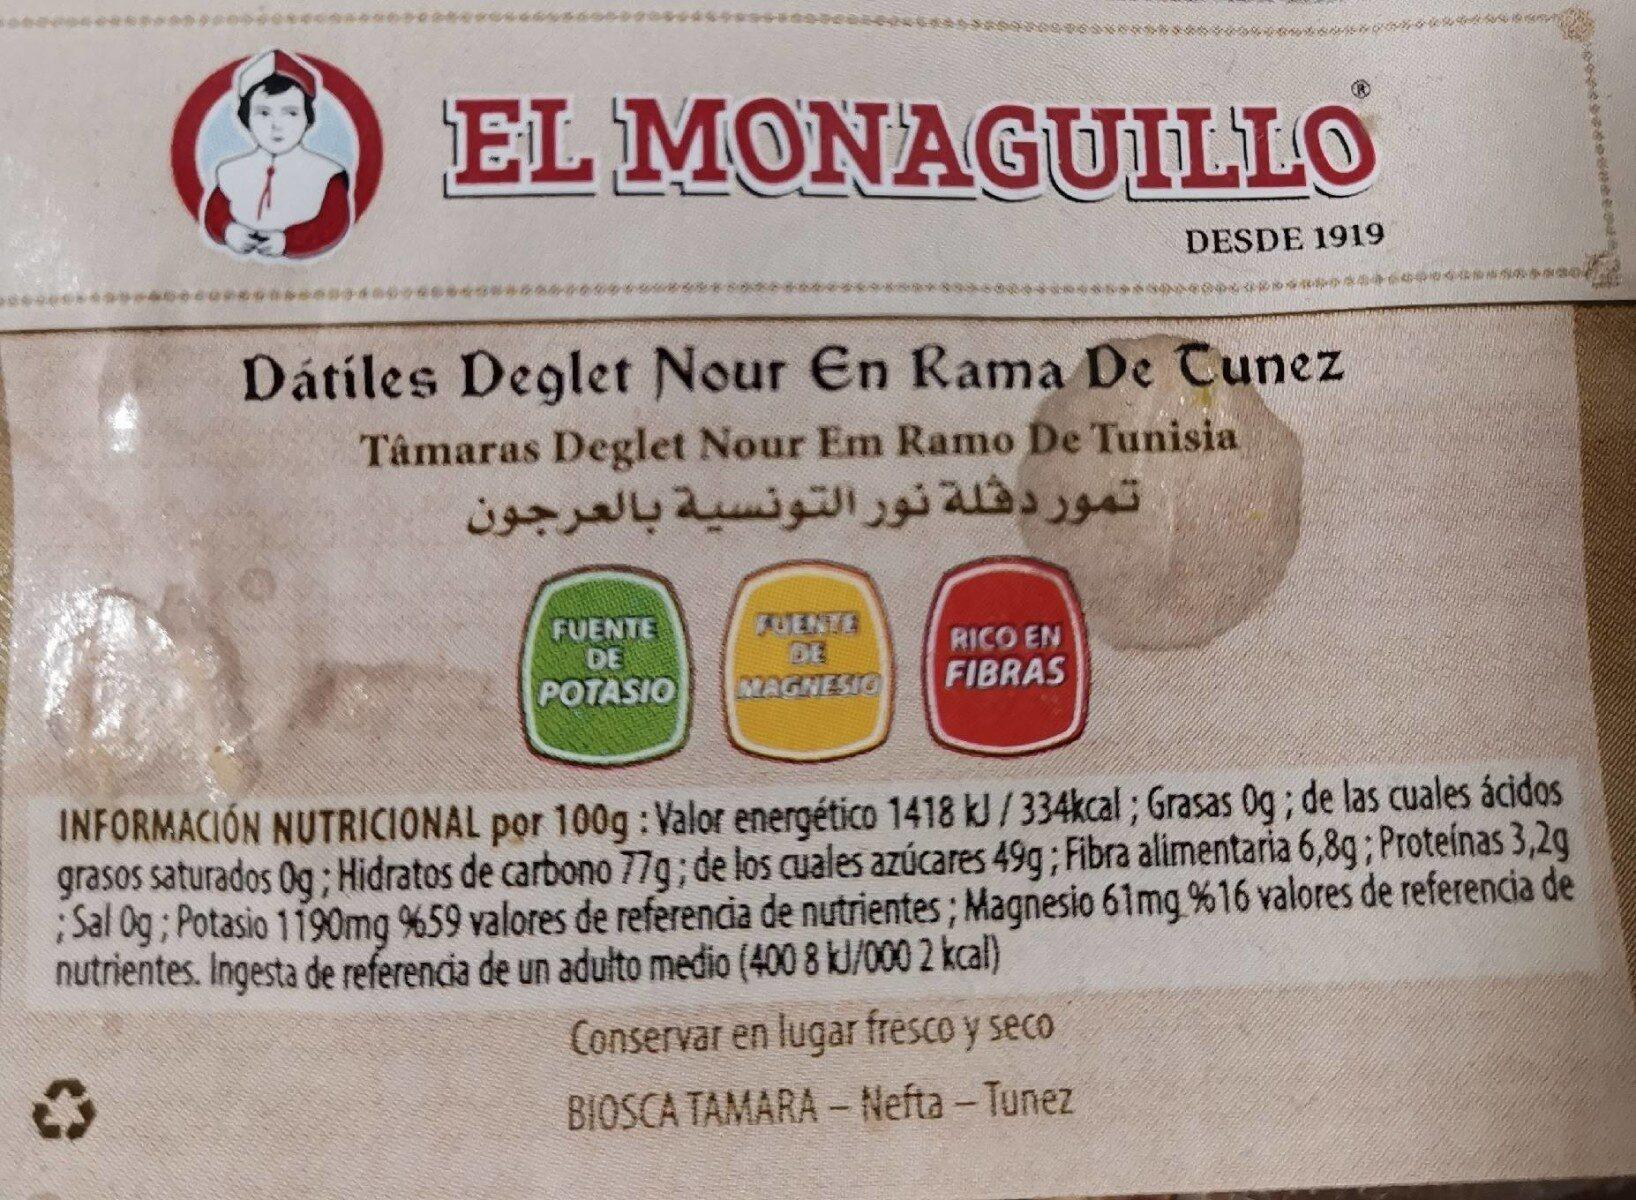 Datines deglet nour en rama de tunez - Informació nutricional - es